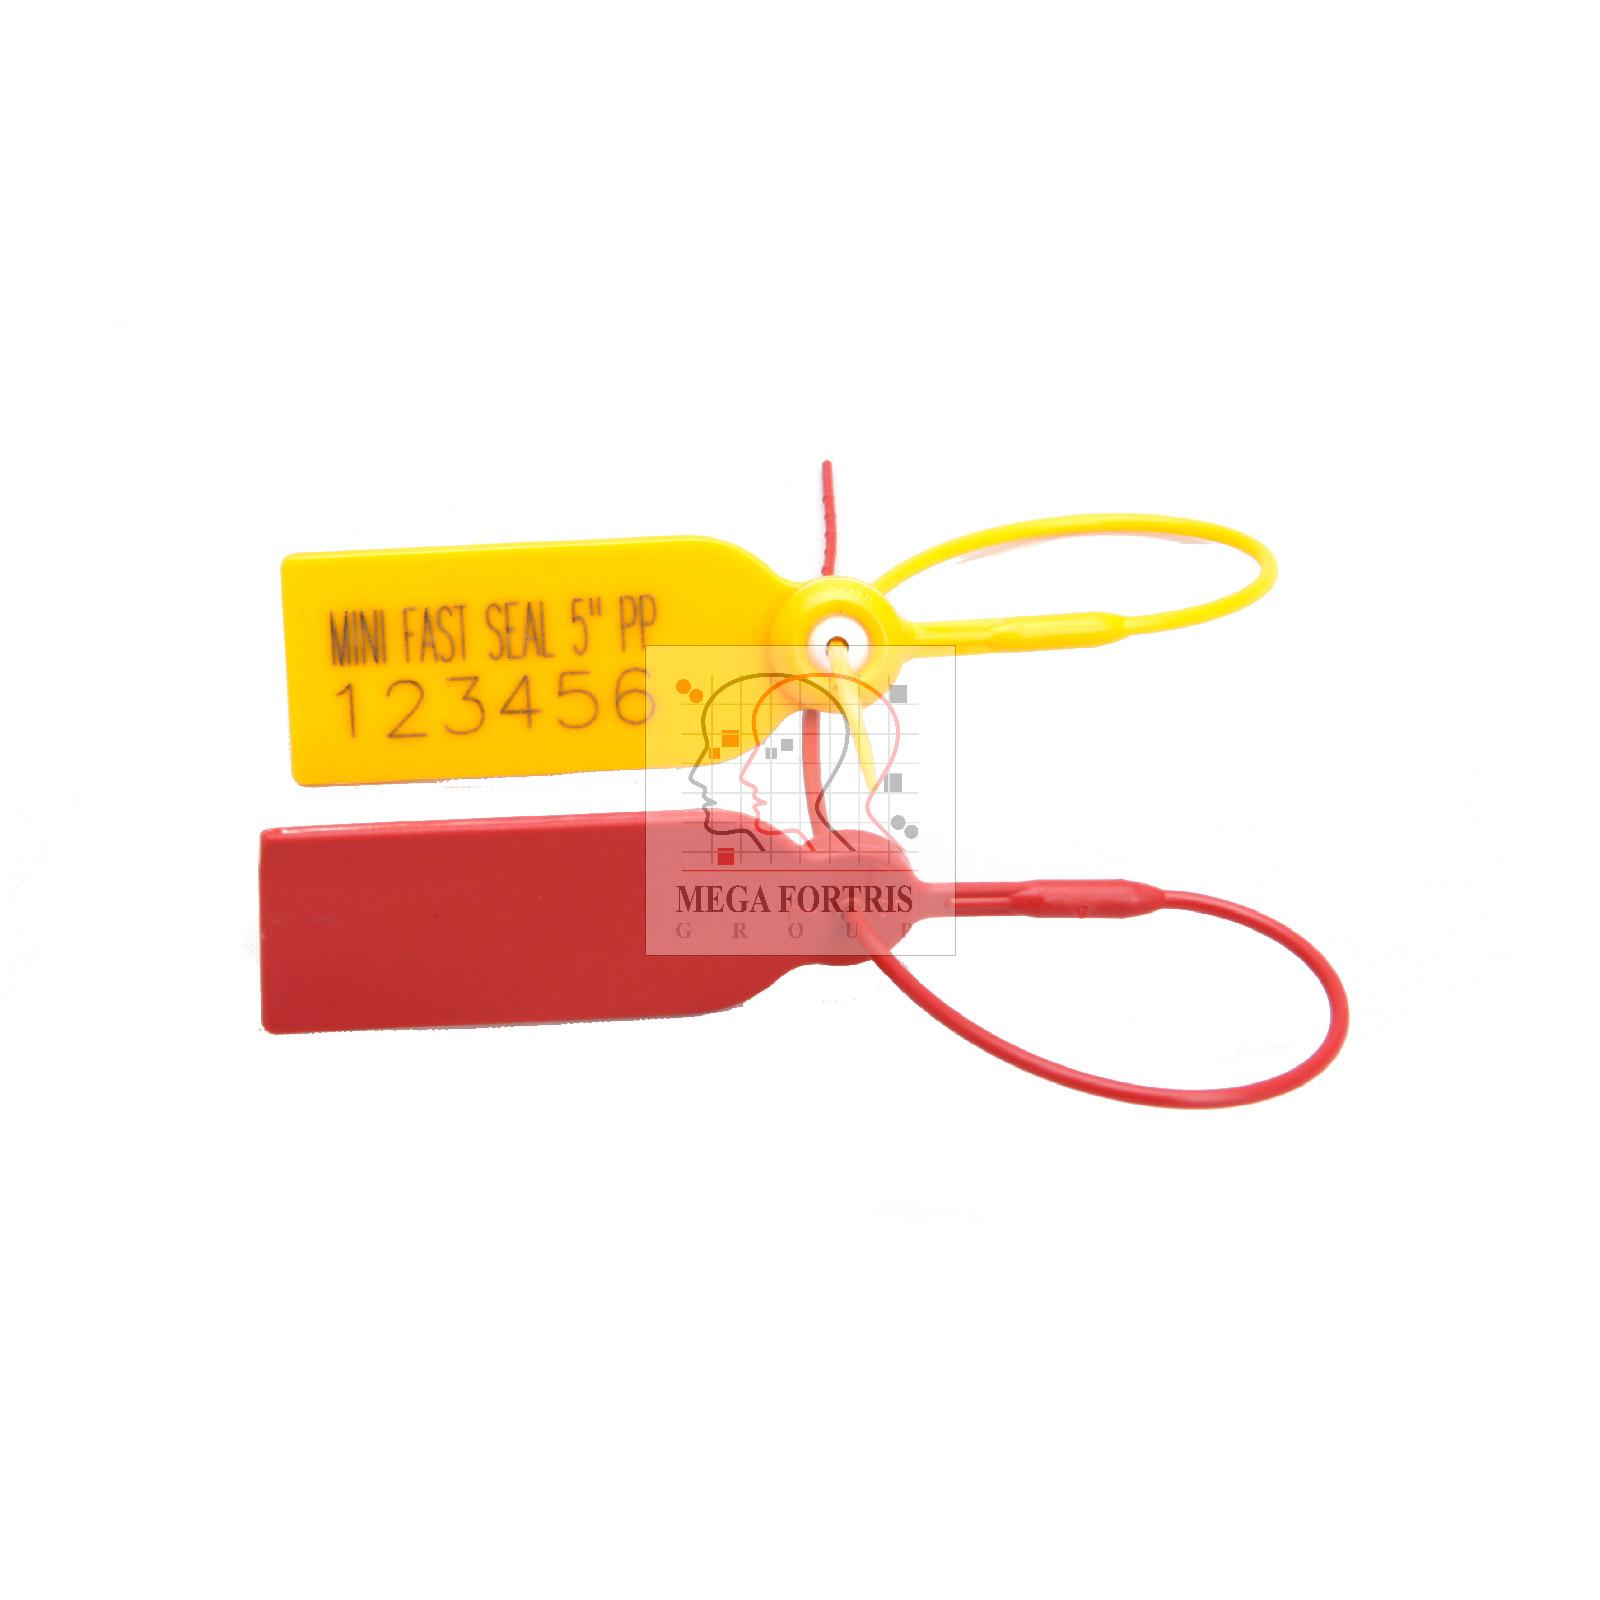 Mini_Fast_Seal scellé de sécurité